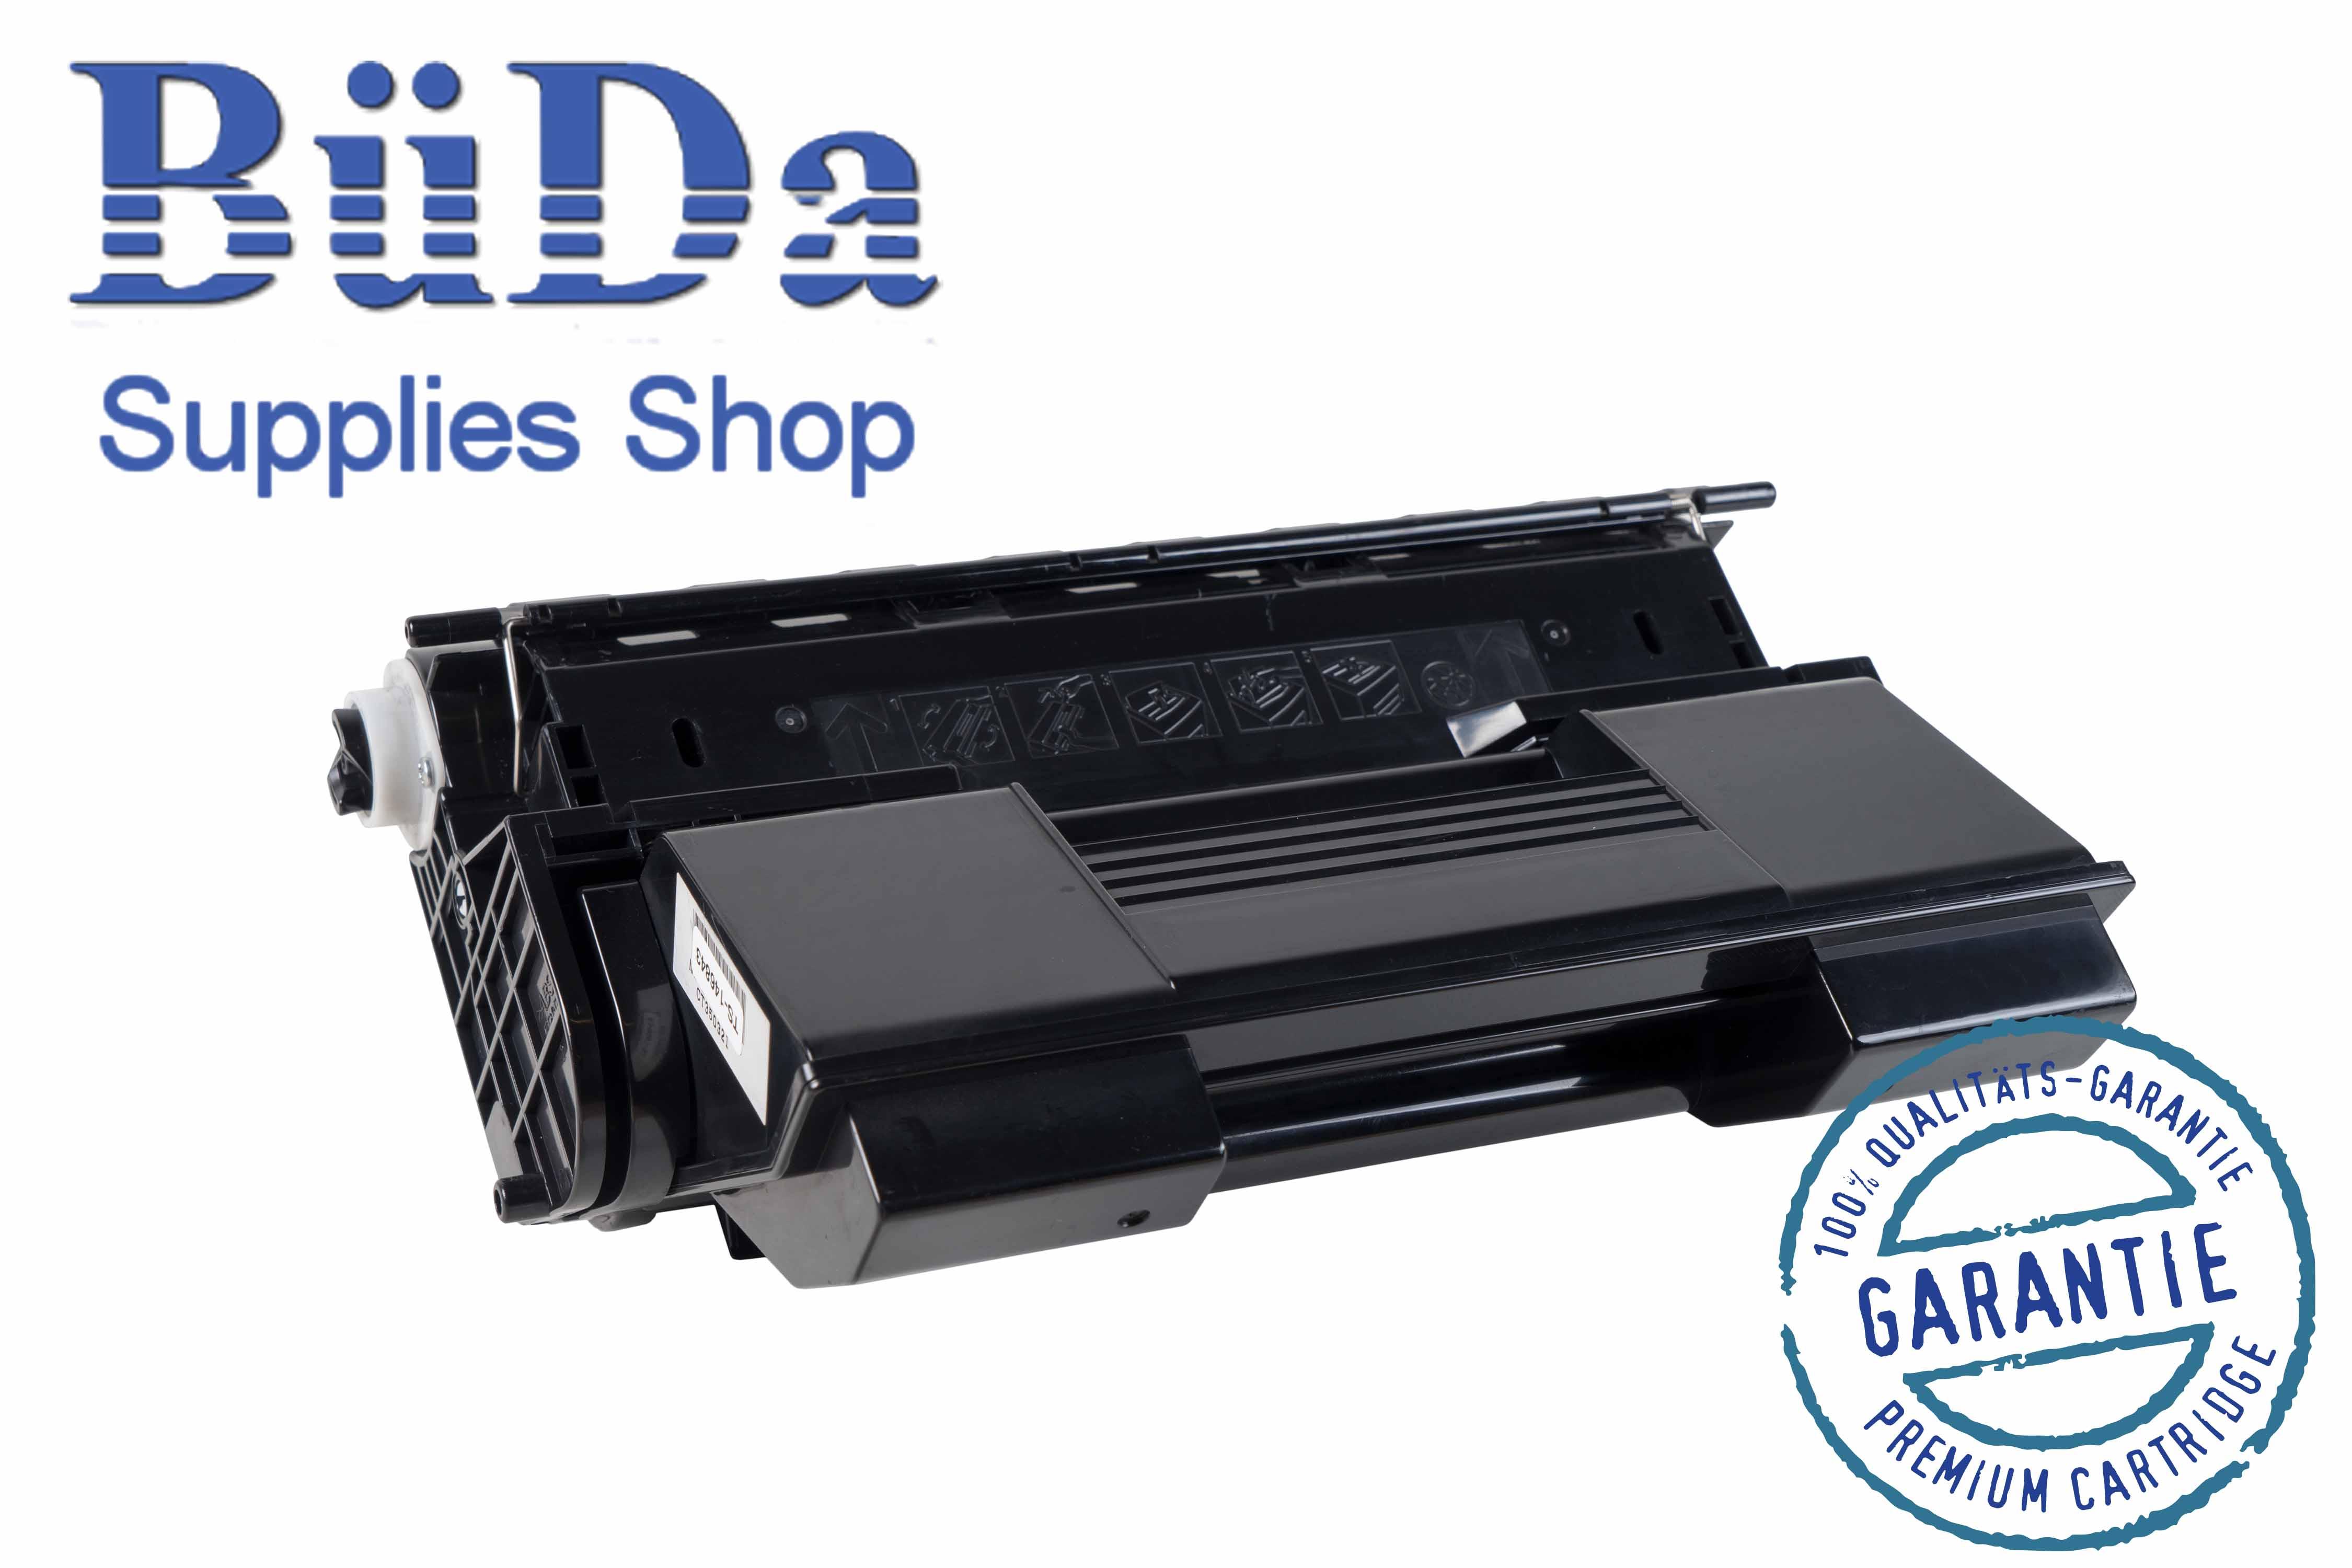 Toner-Modul komp. zu Epson M4000 black 20000 Seiten